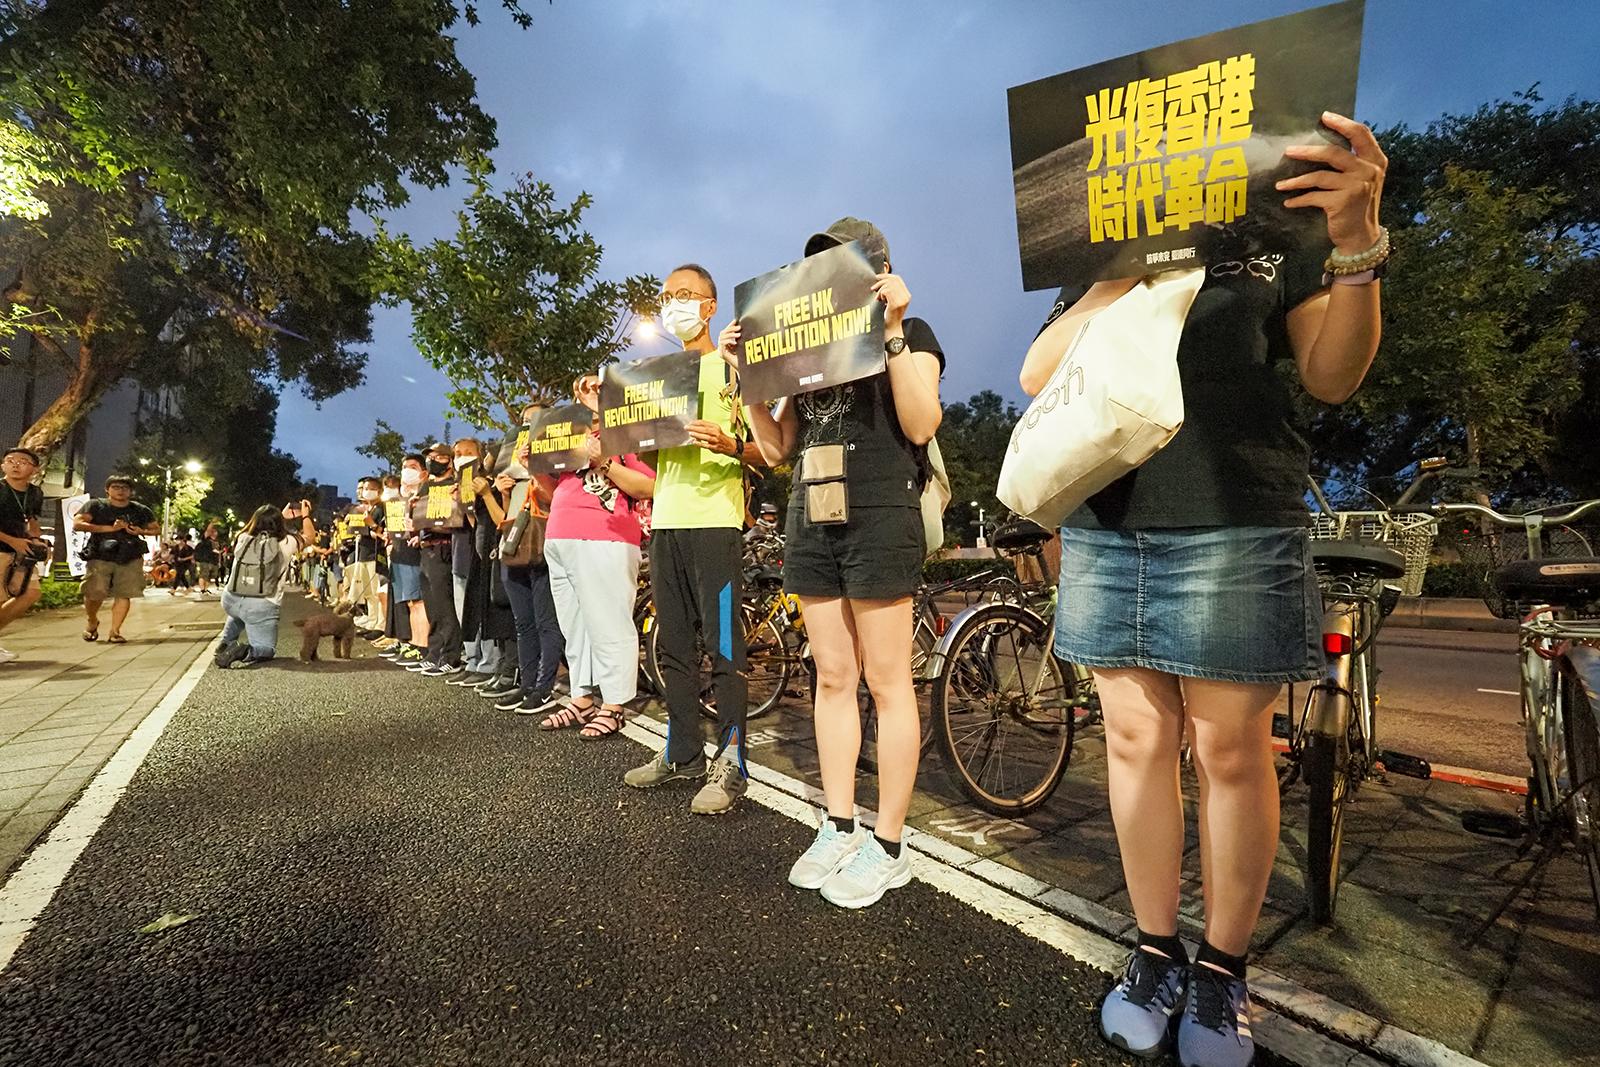 2020年8月31日,民眾在台灣大學對面馬路排成一列手持撐香港標語,人龍超過兩百公尺。(鍾廣政 攝)